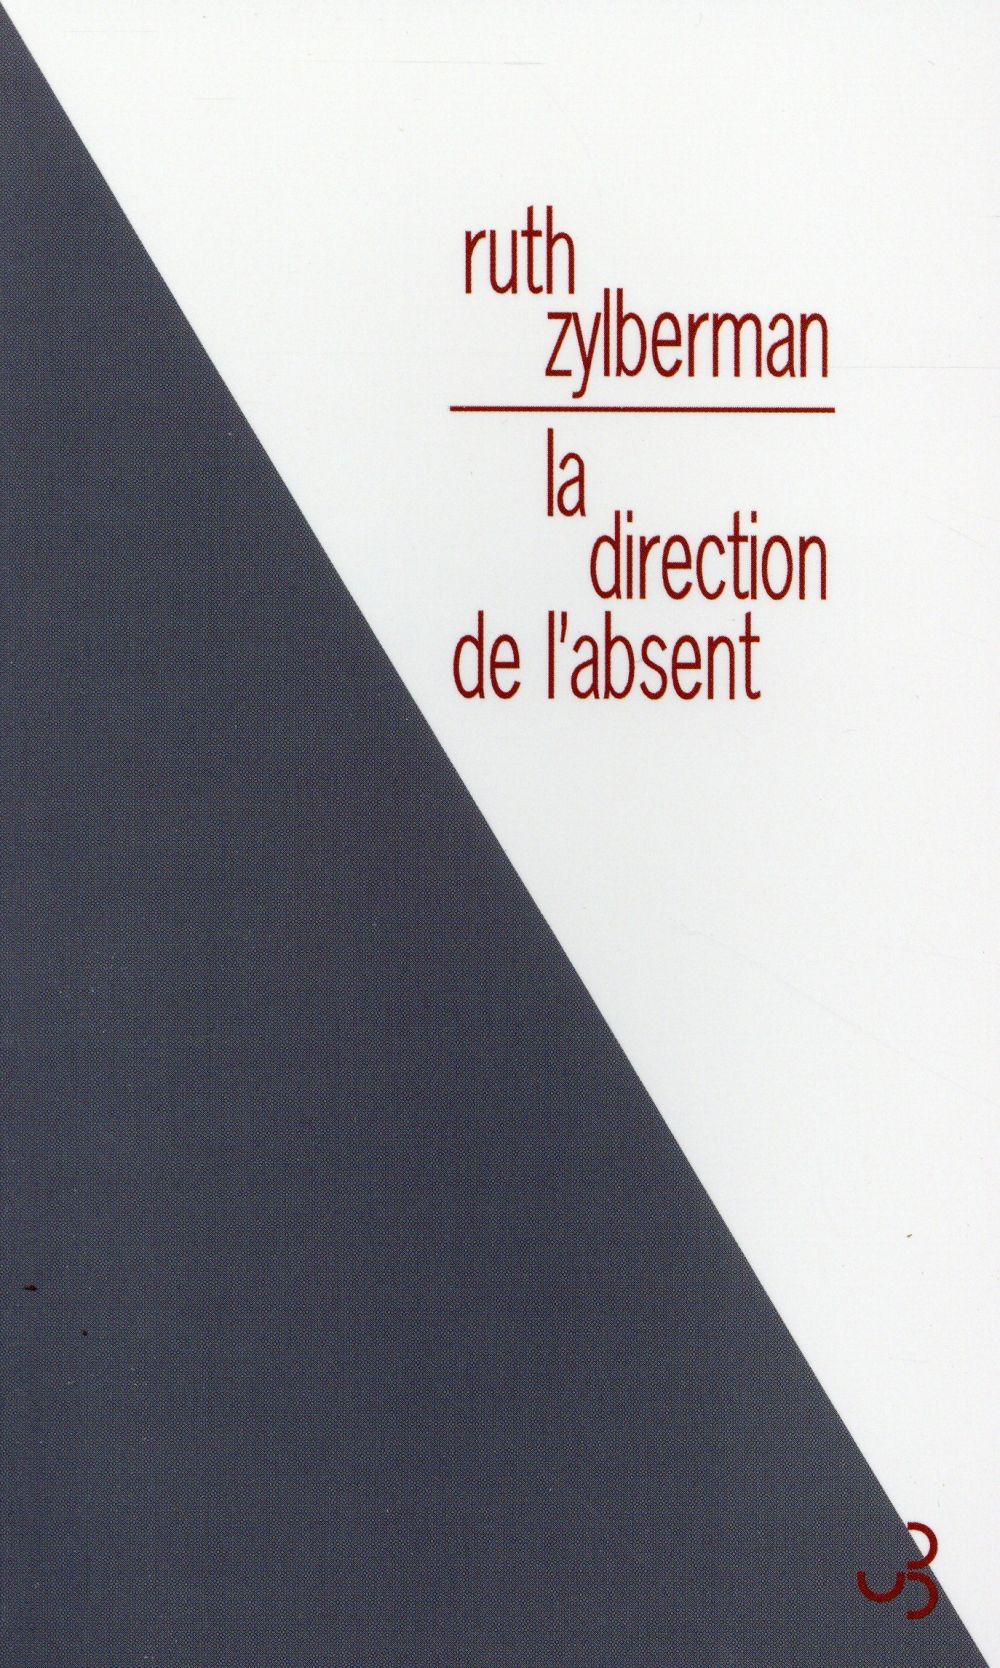 La direction de l'absent